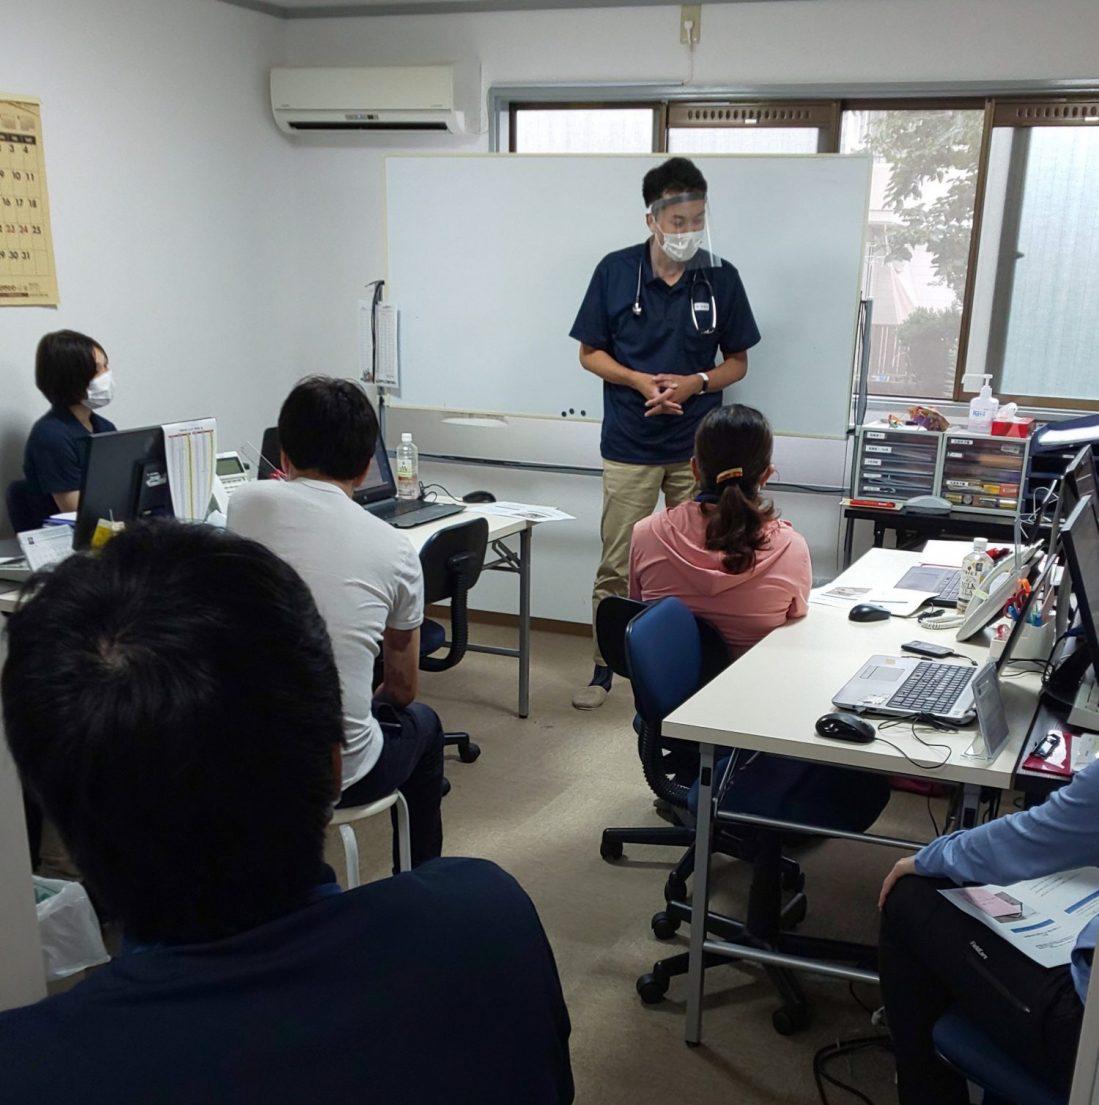 ガイア訪問看護ステーション 鎌倉 サブイメージ2